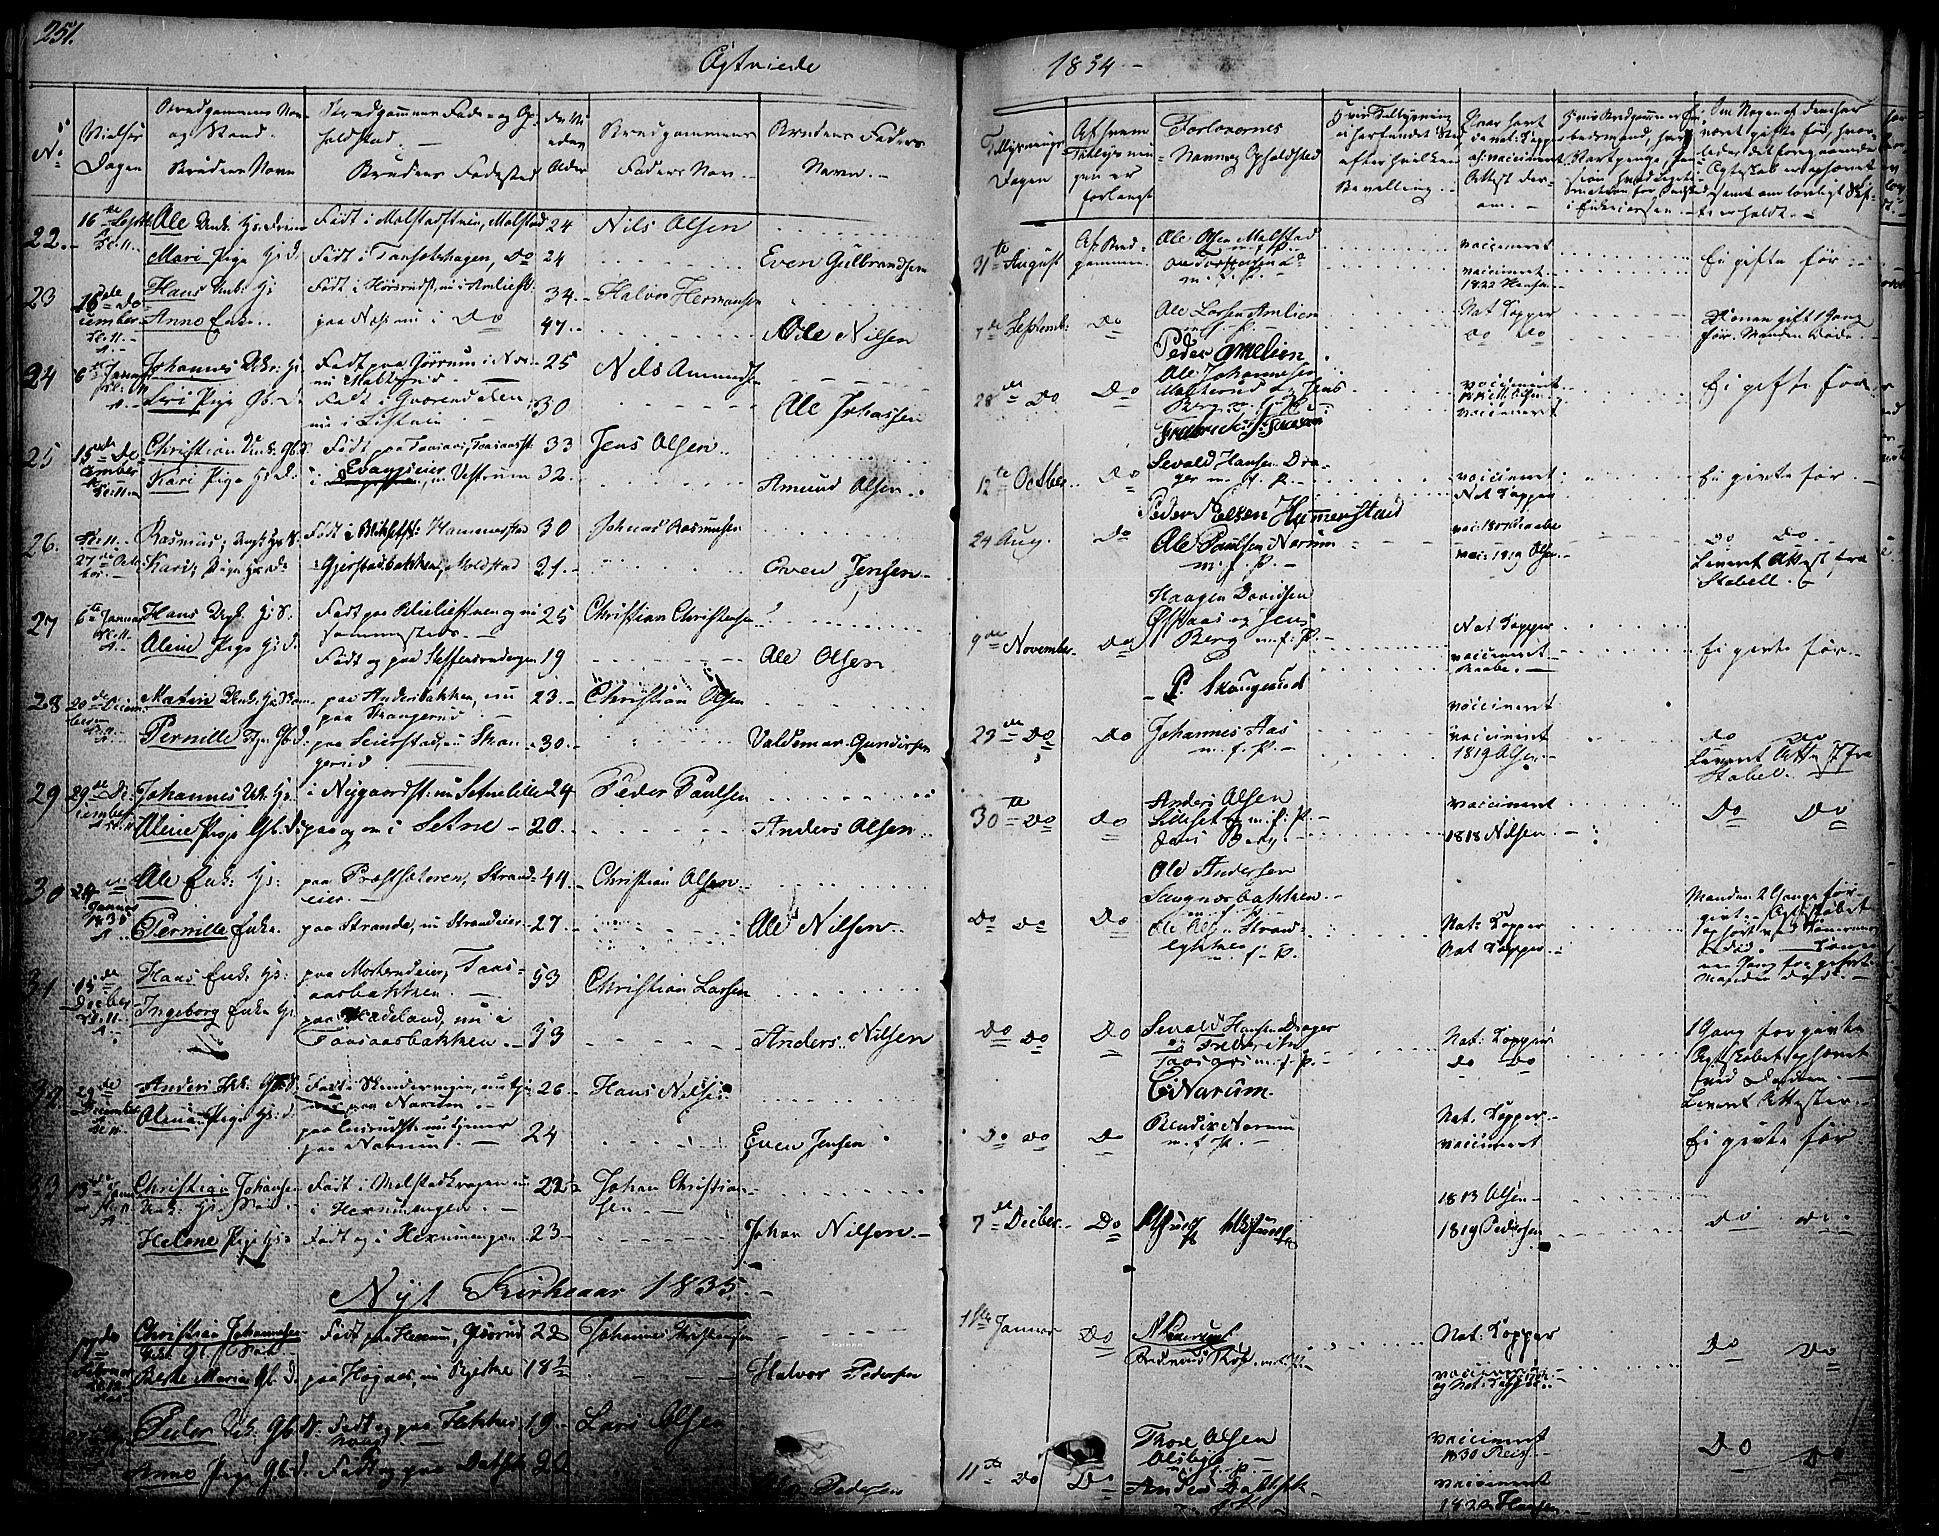 SAH, Vestre Toten prestekontor, Ministerialbok nr. 2, 1825-1837, s. 251